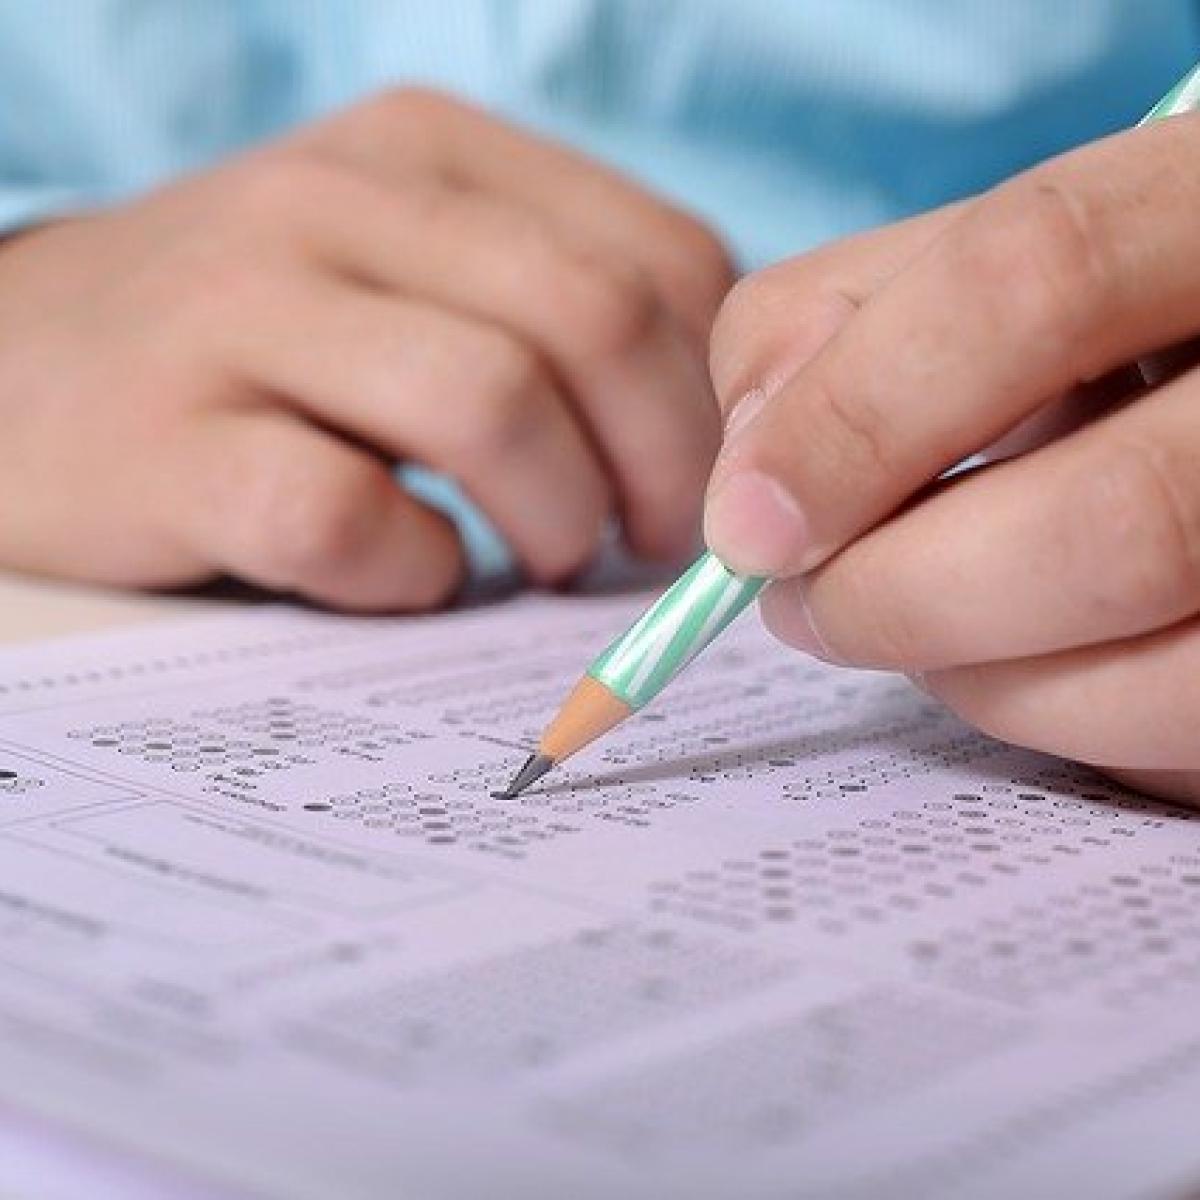 Board of Intermediate Education Andhra Pradesh announces AP Intermediate 2020 results; visit bie.ap.gov.in for more details